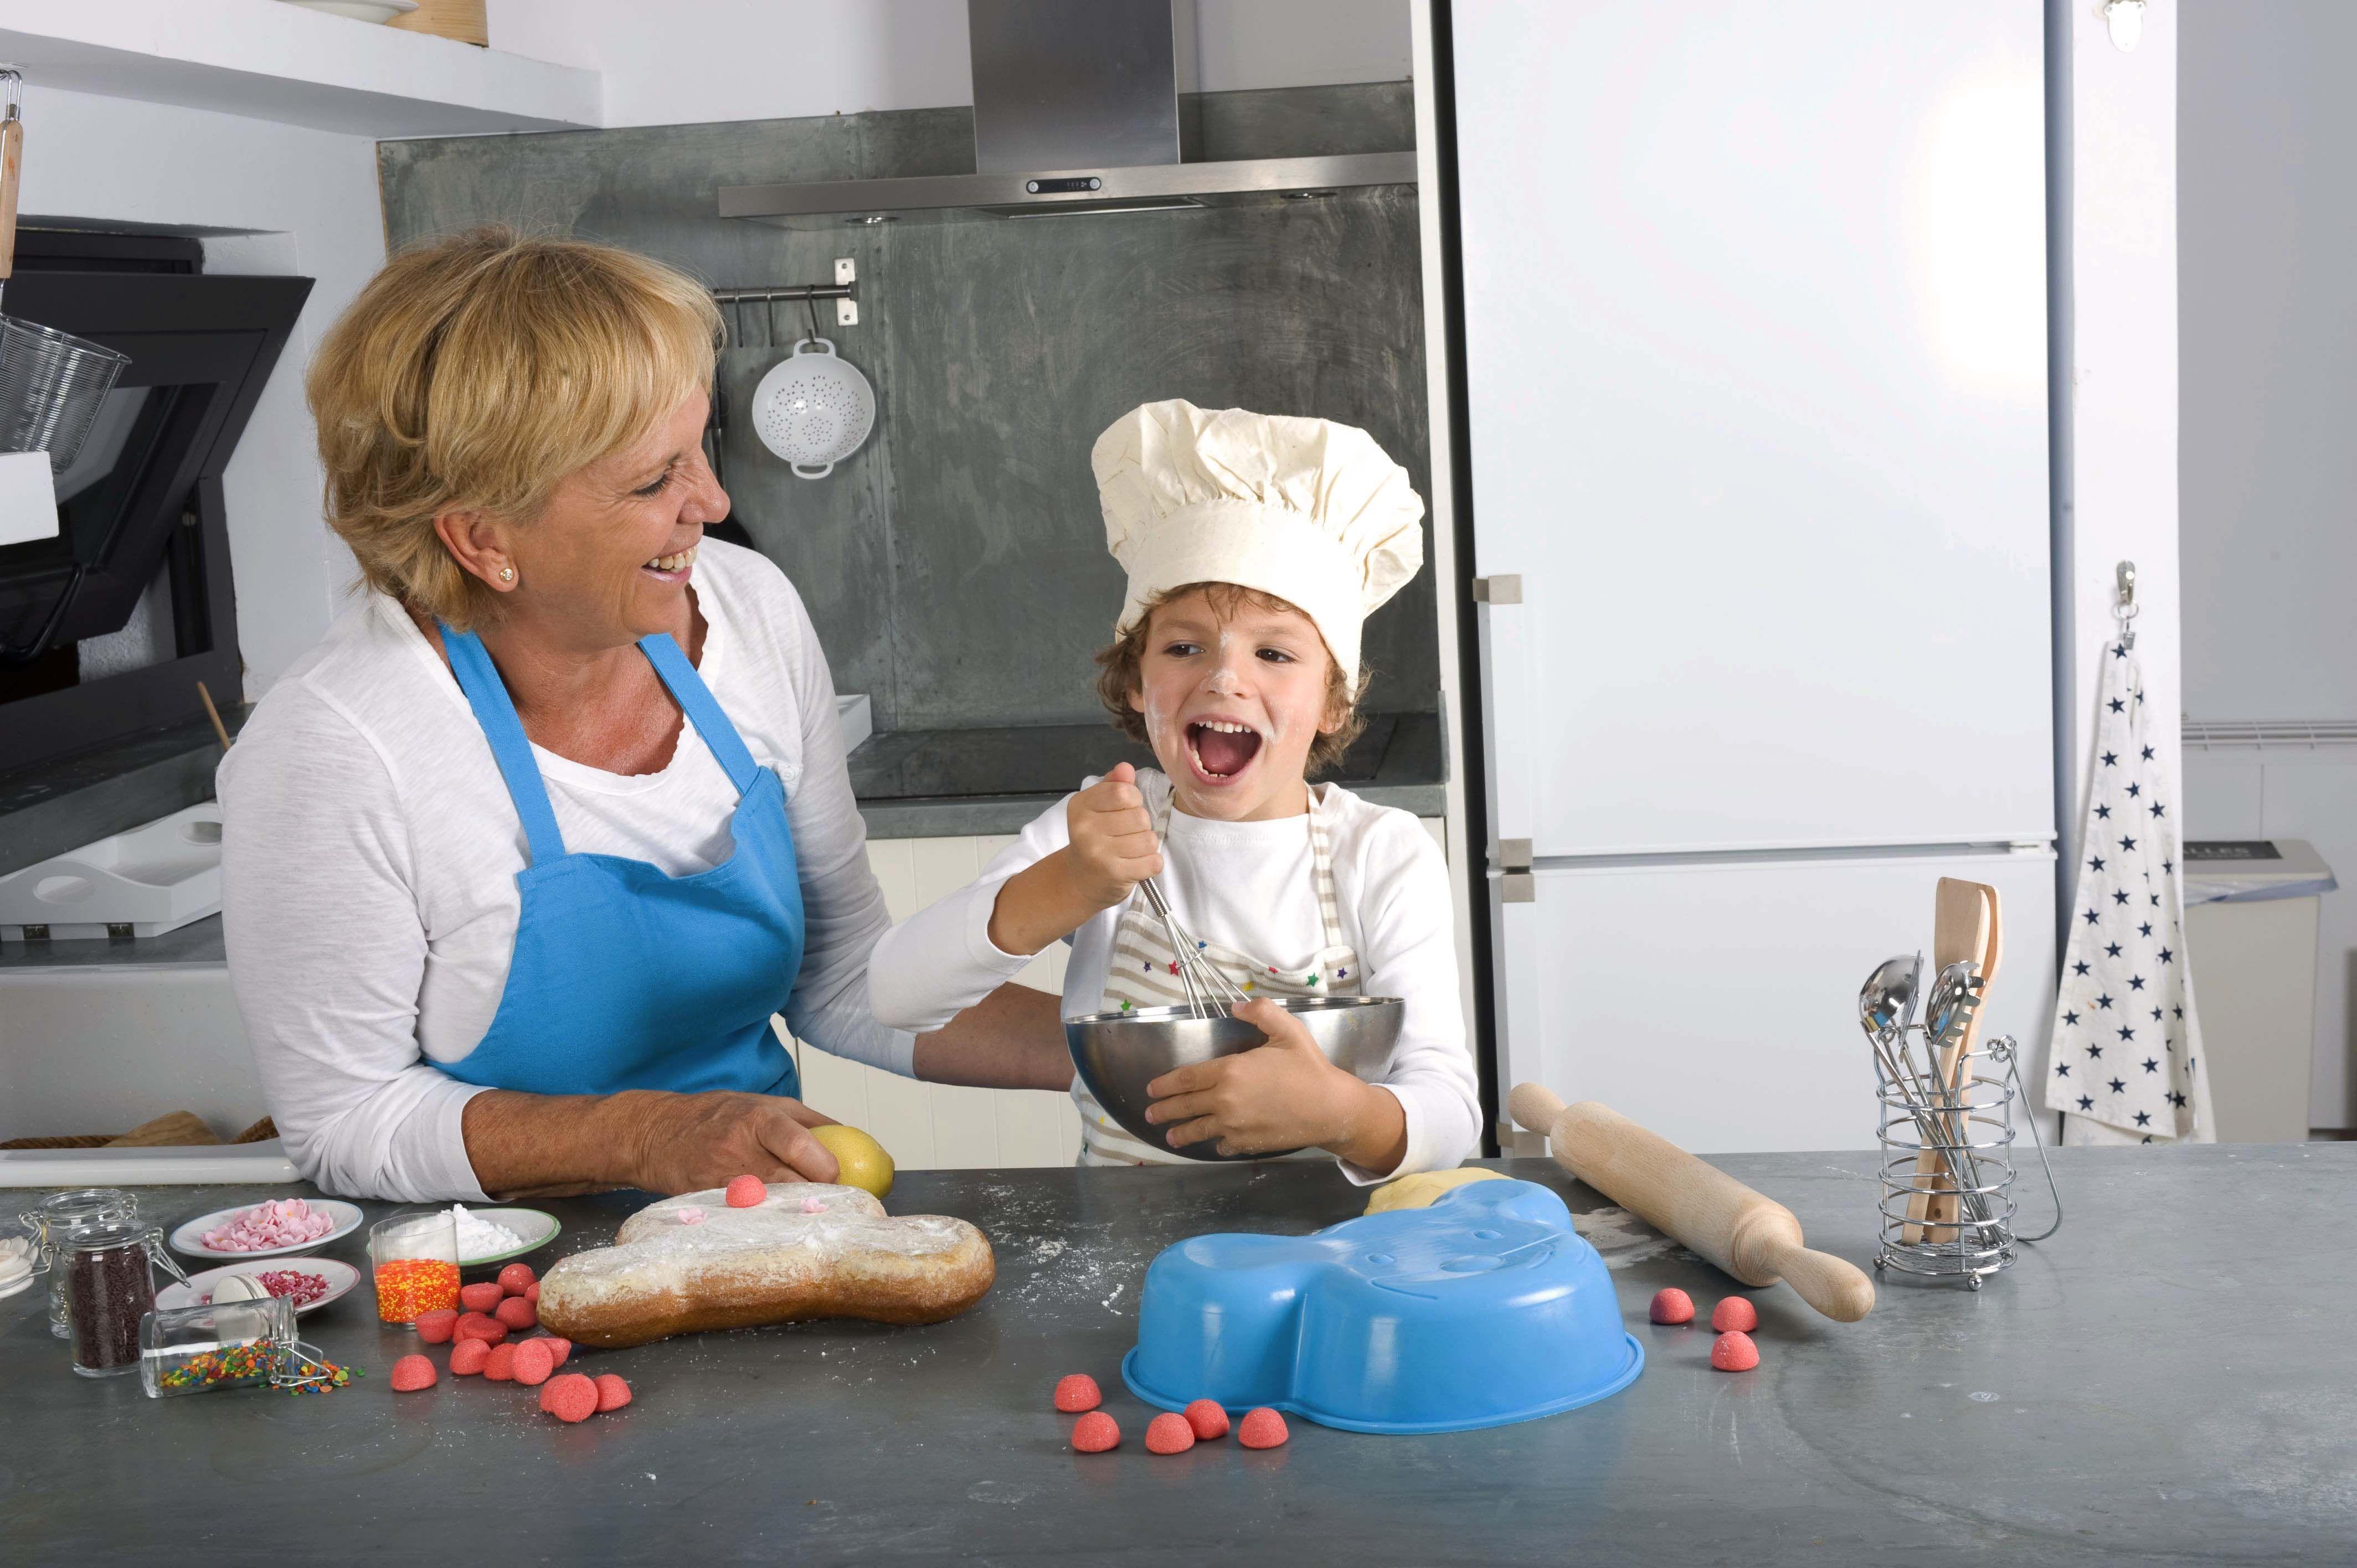 cefc0815229693b213002b0654a68a9c - Cocinando Recetas